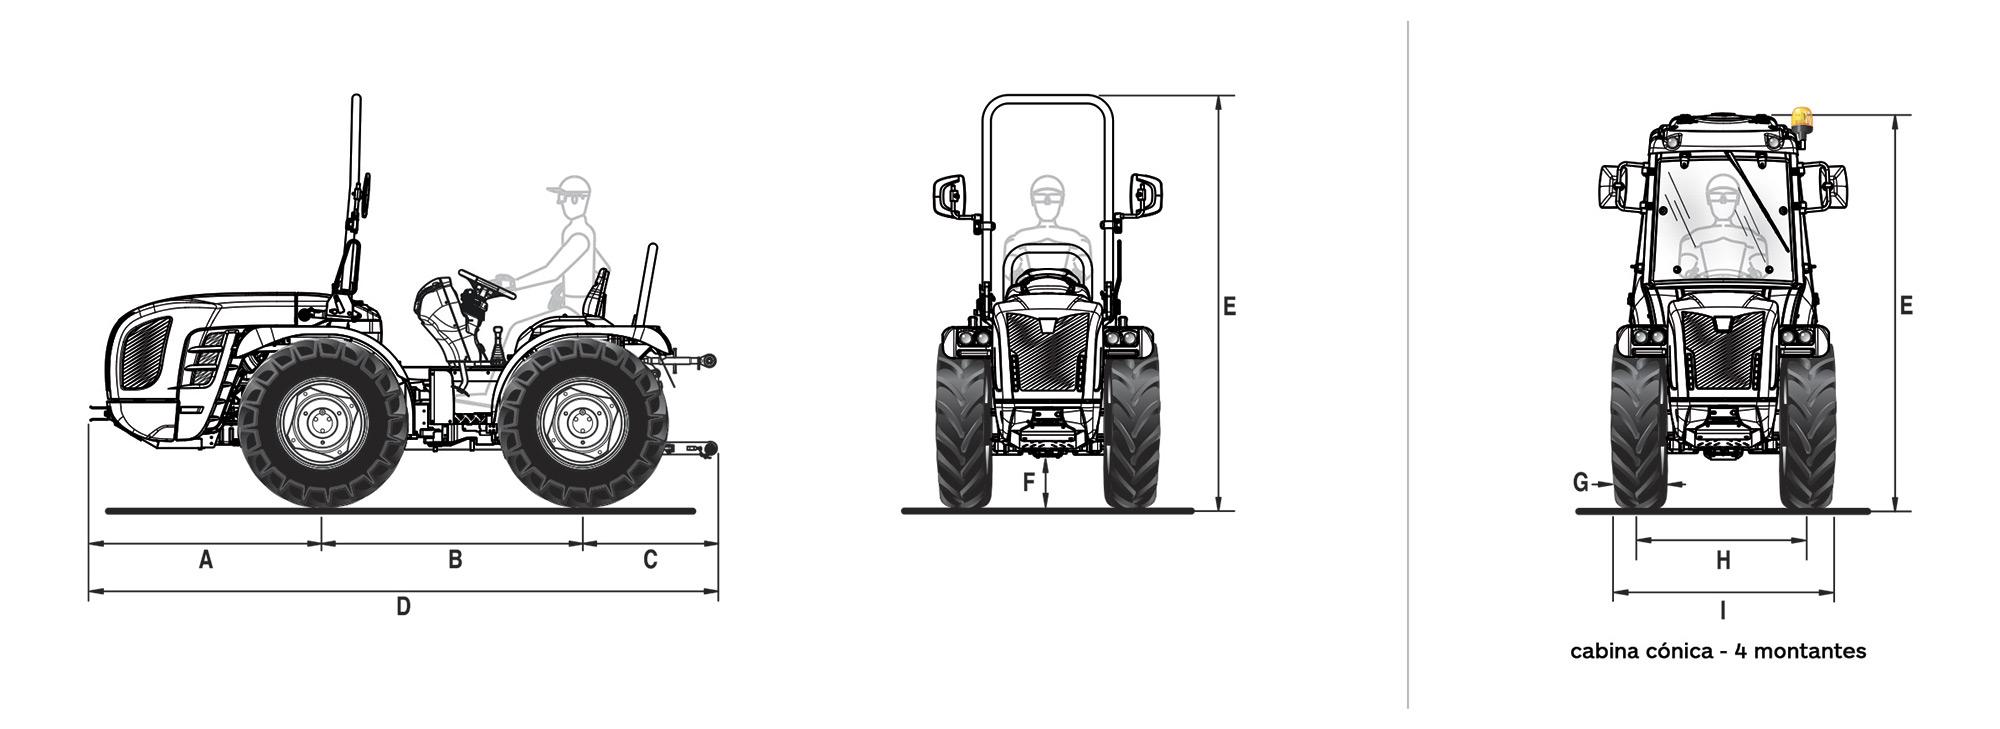 Dimensiones y pesos tractor BCS Vithar L80N articulado